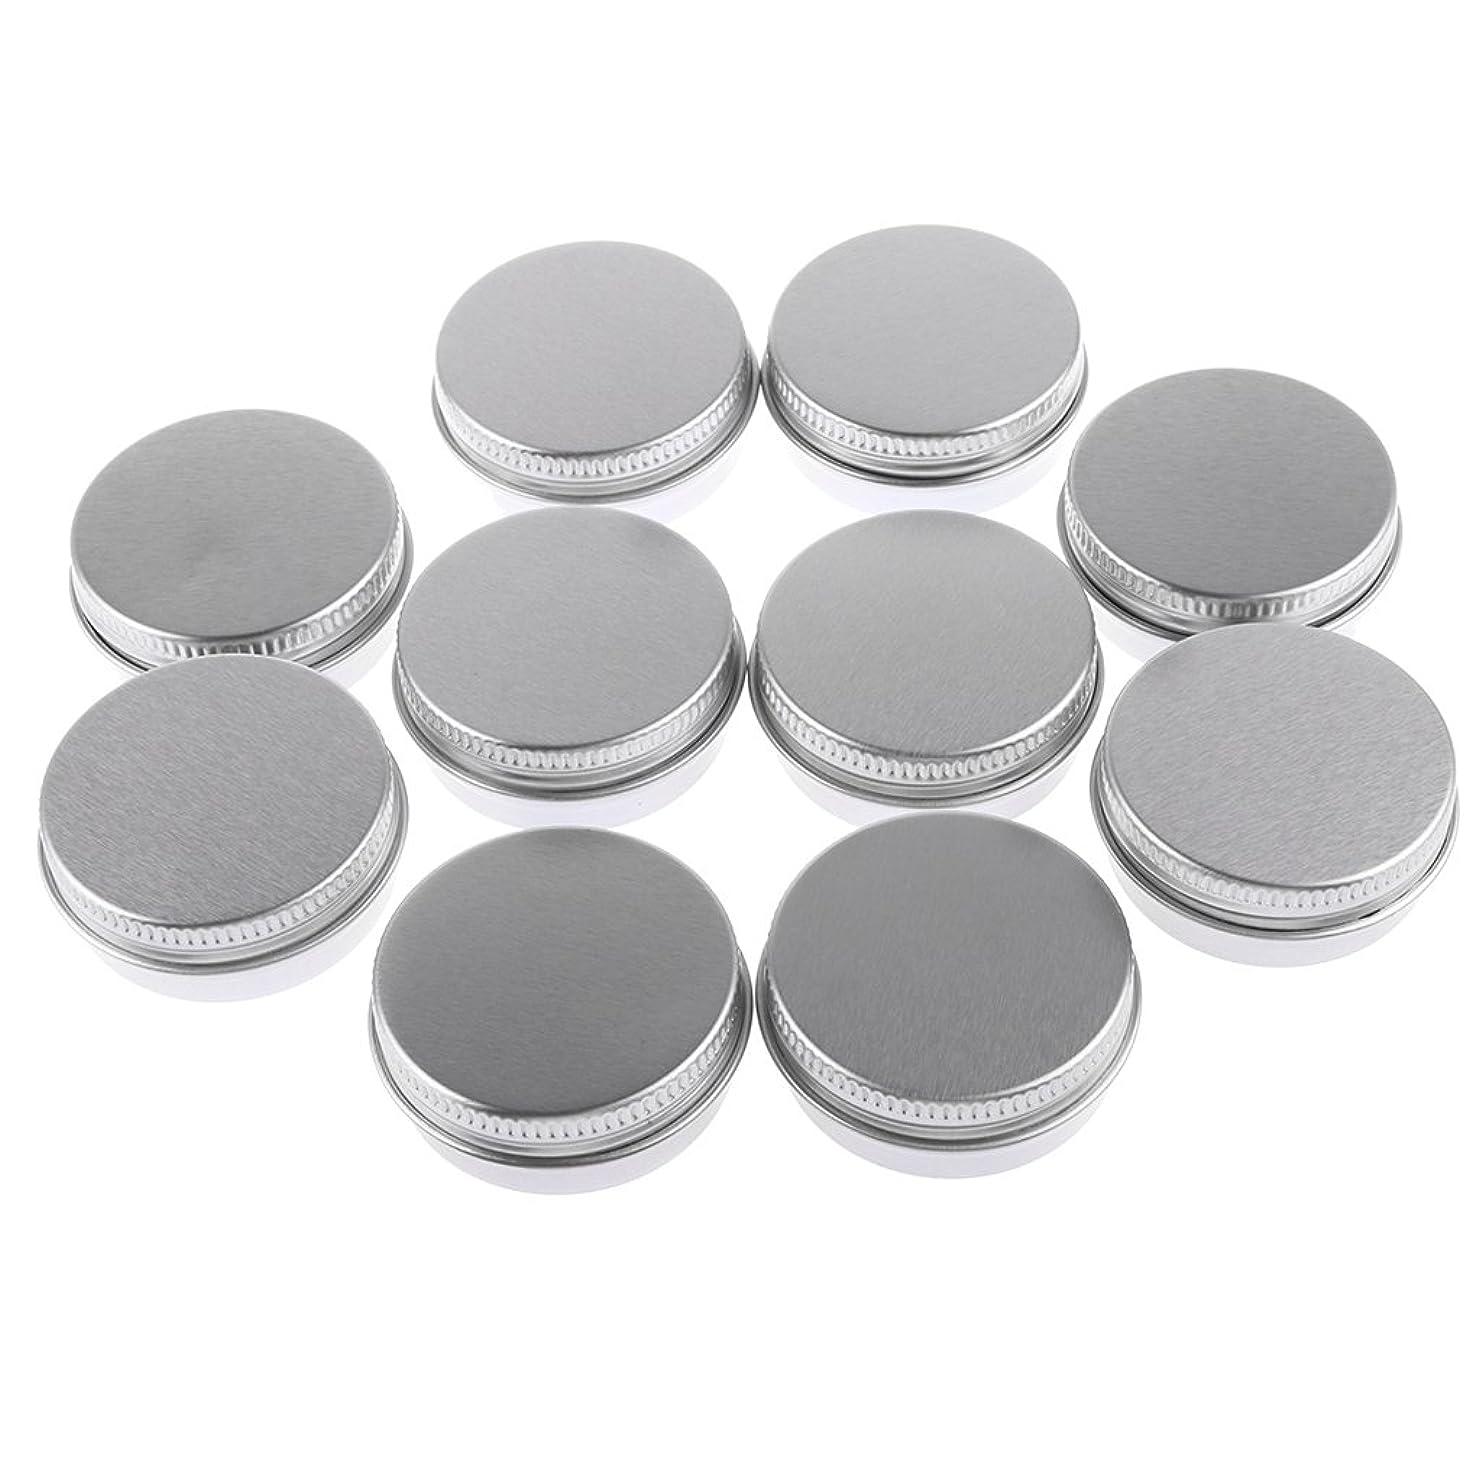 うれしいよろめく義務付けられたBaosity 10個入り 化粧品用 空 瓶 クリーム 缶 容器 缶ケース 蓋付き 15g